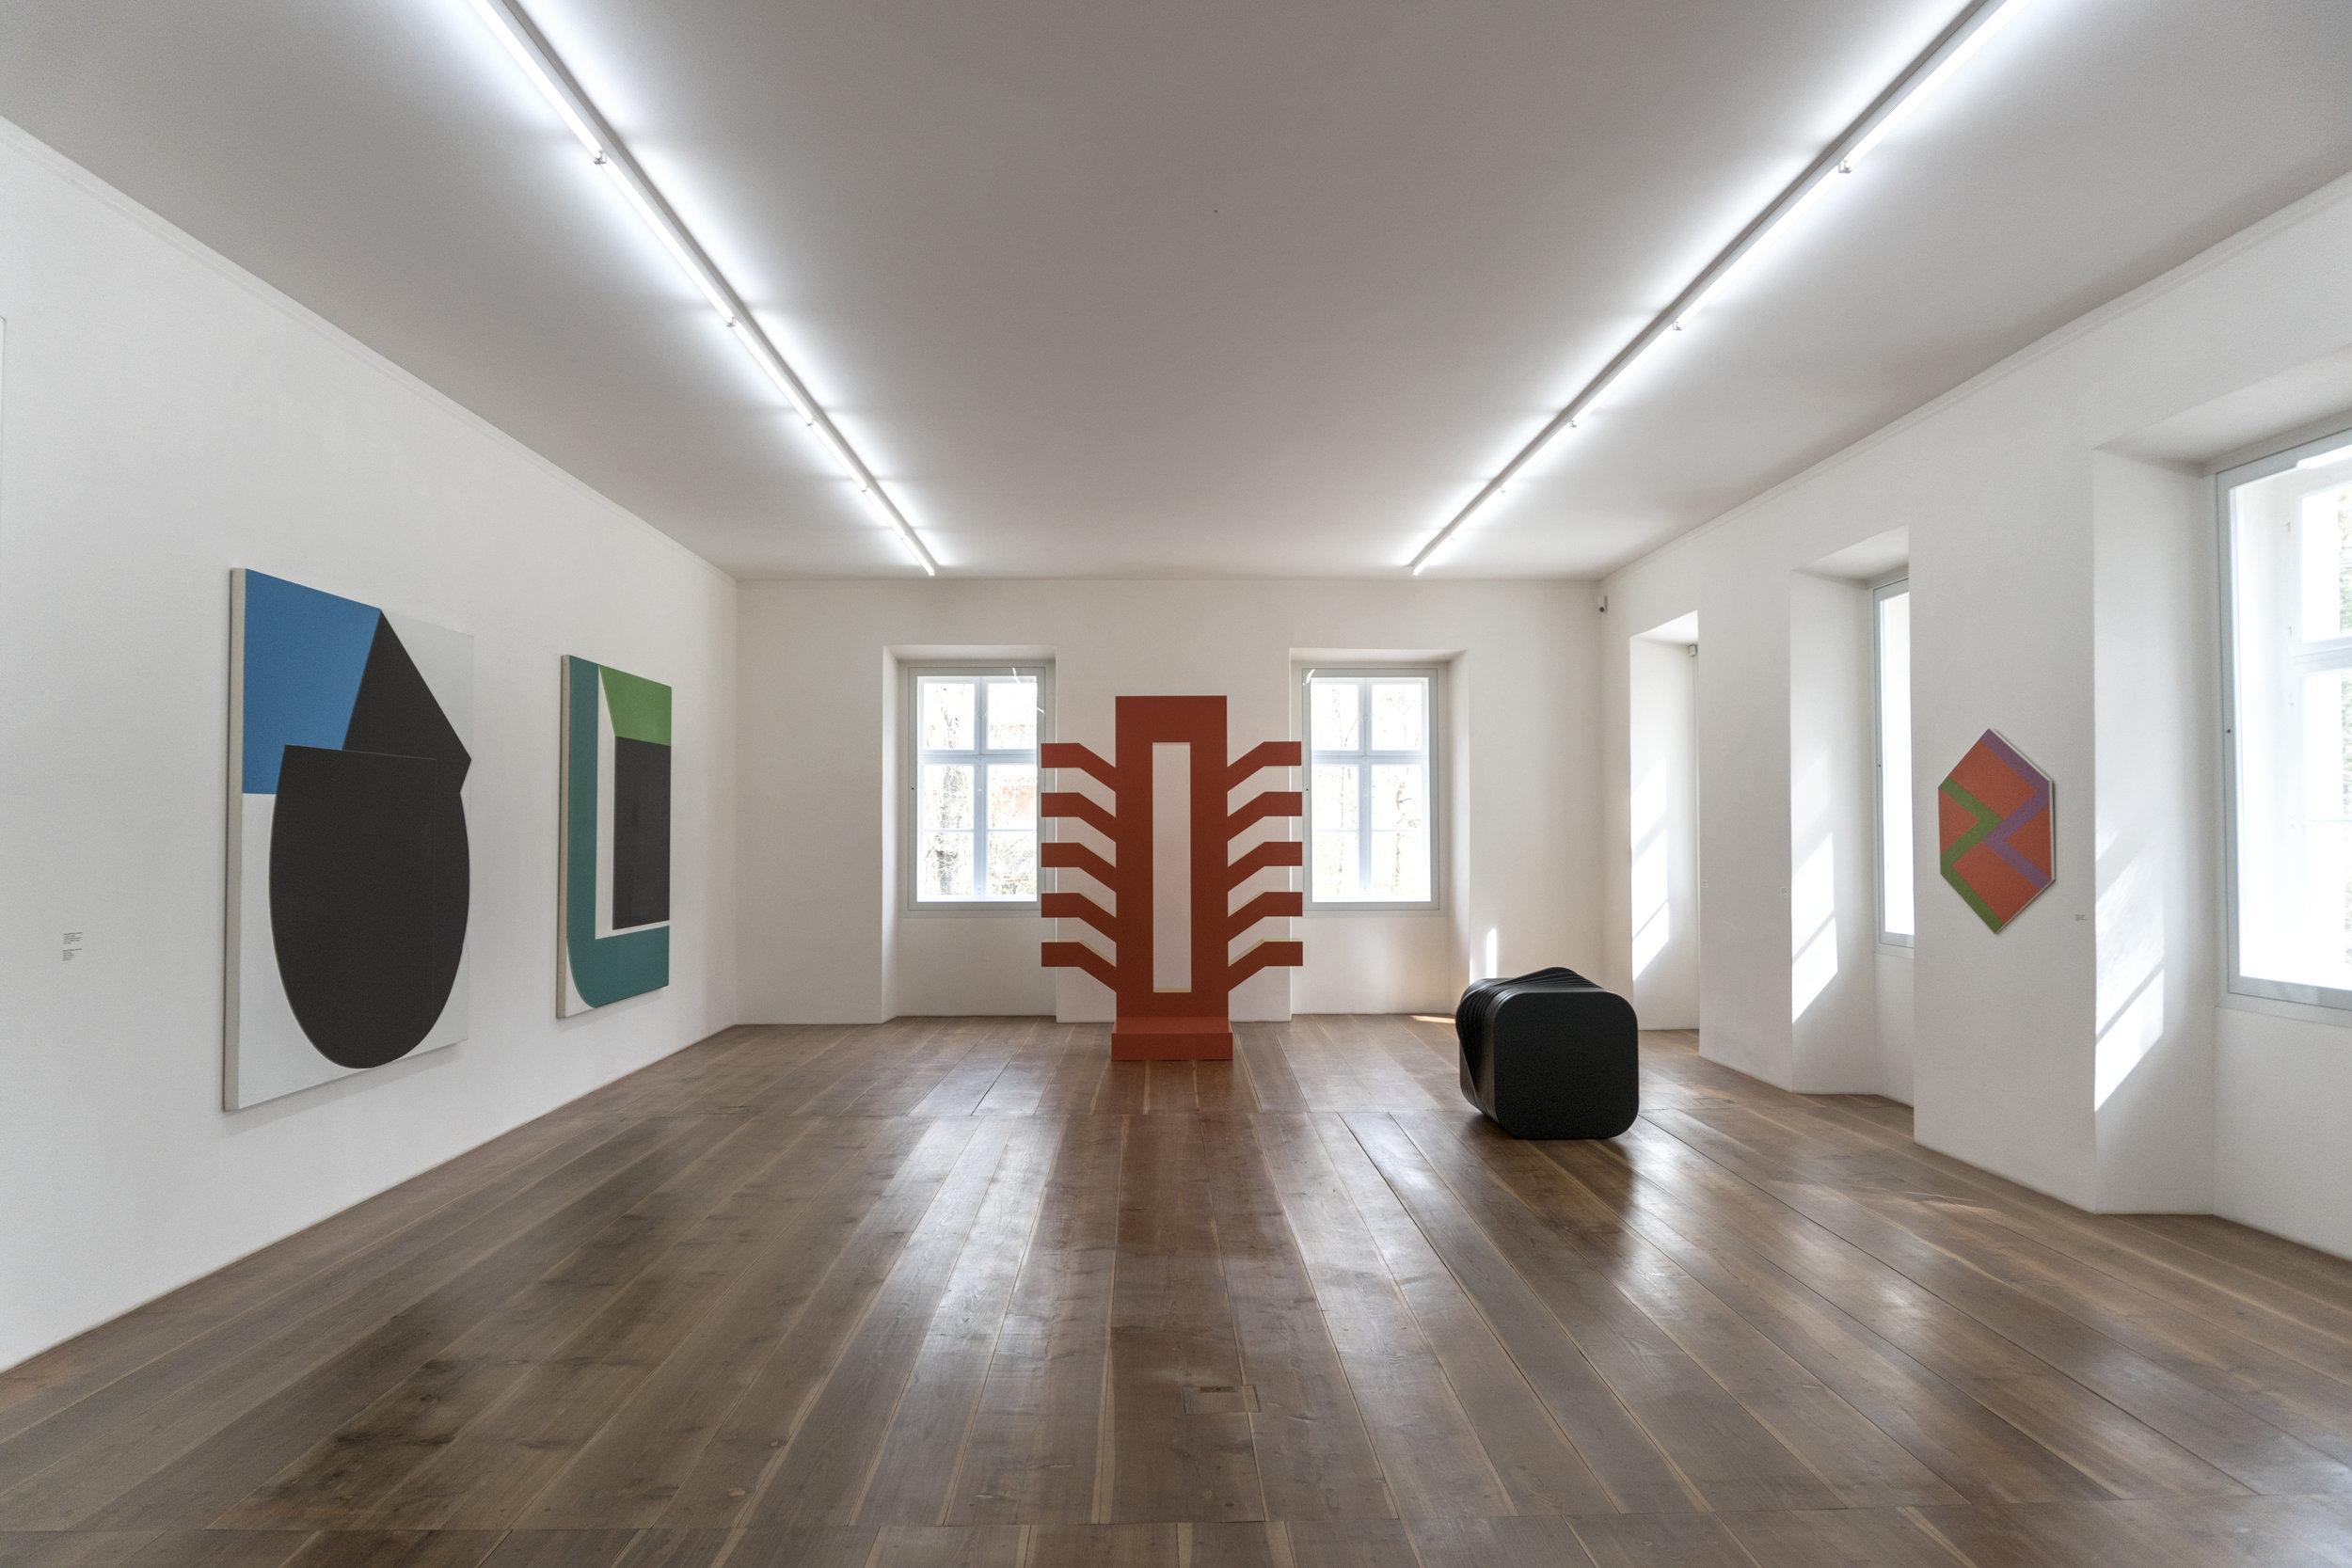 """L'une des salles de l'exposition    """"colorful. farbenfroh""""    (2018): oeuvres de   Georg Karl Pfahler  ,   Otto Herbert Hajek,   Thomas Lenk   et   Winfred Gaul  ."""